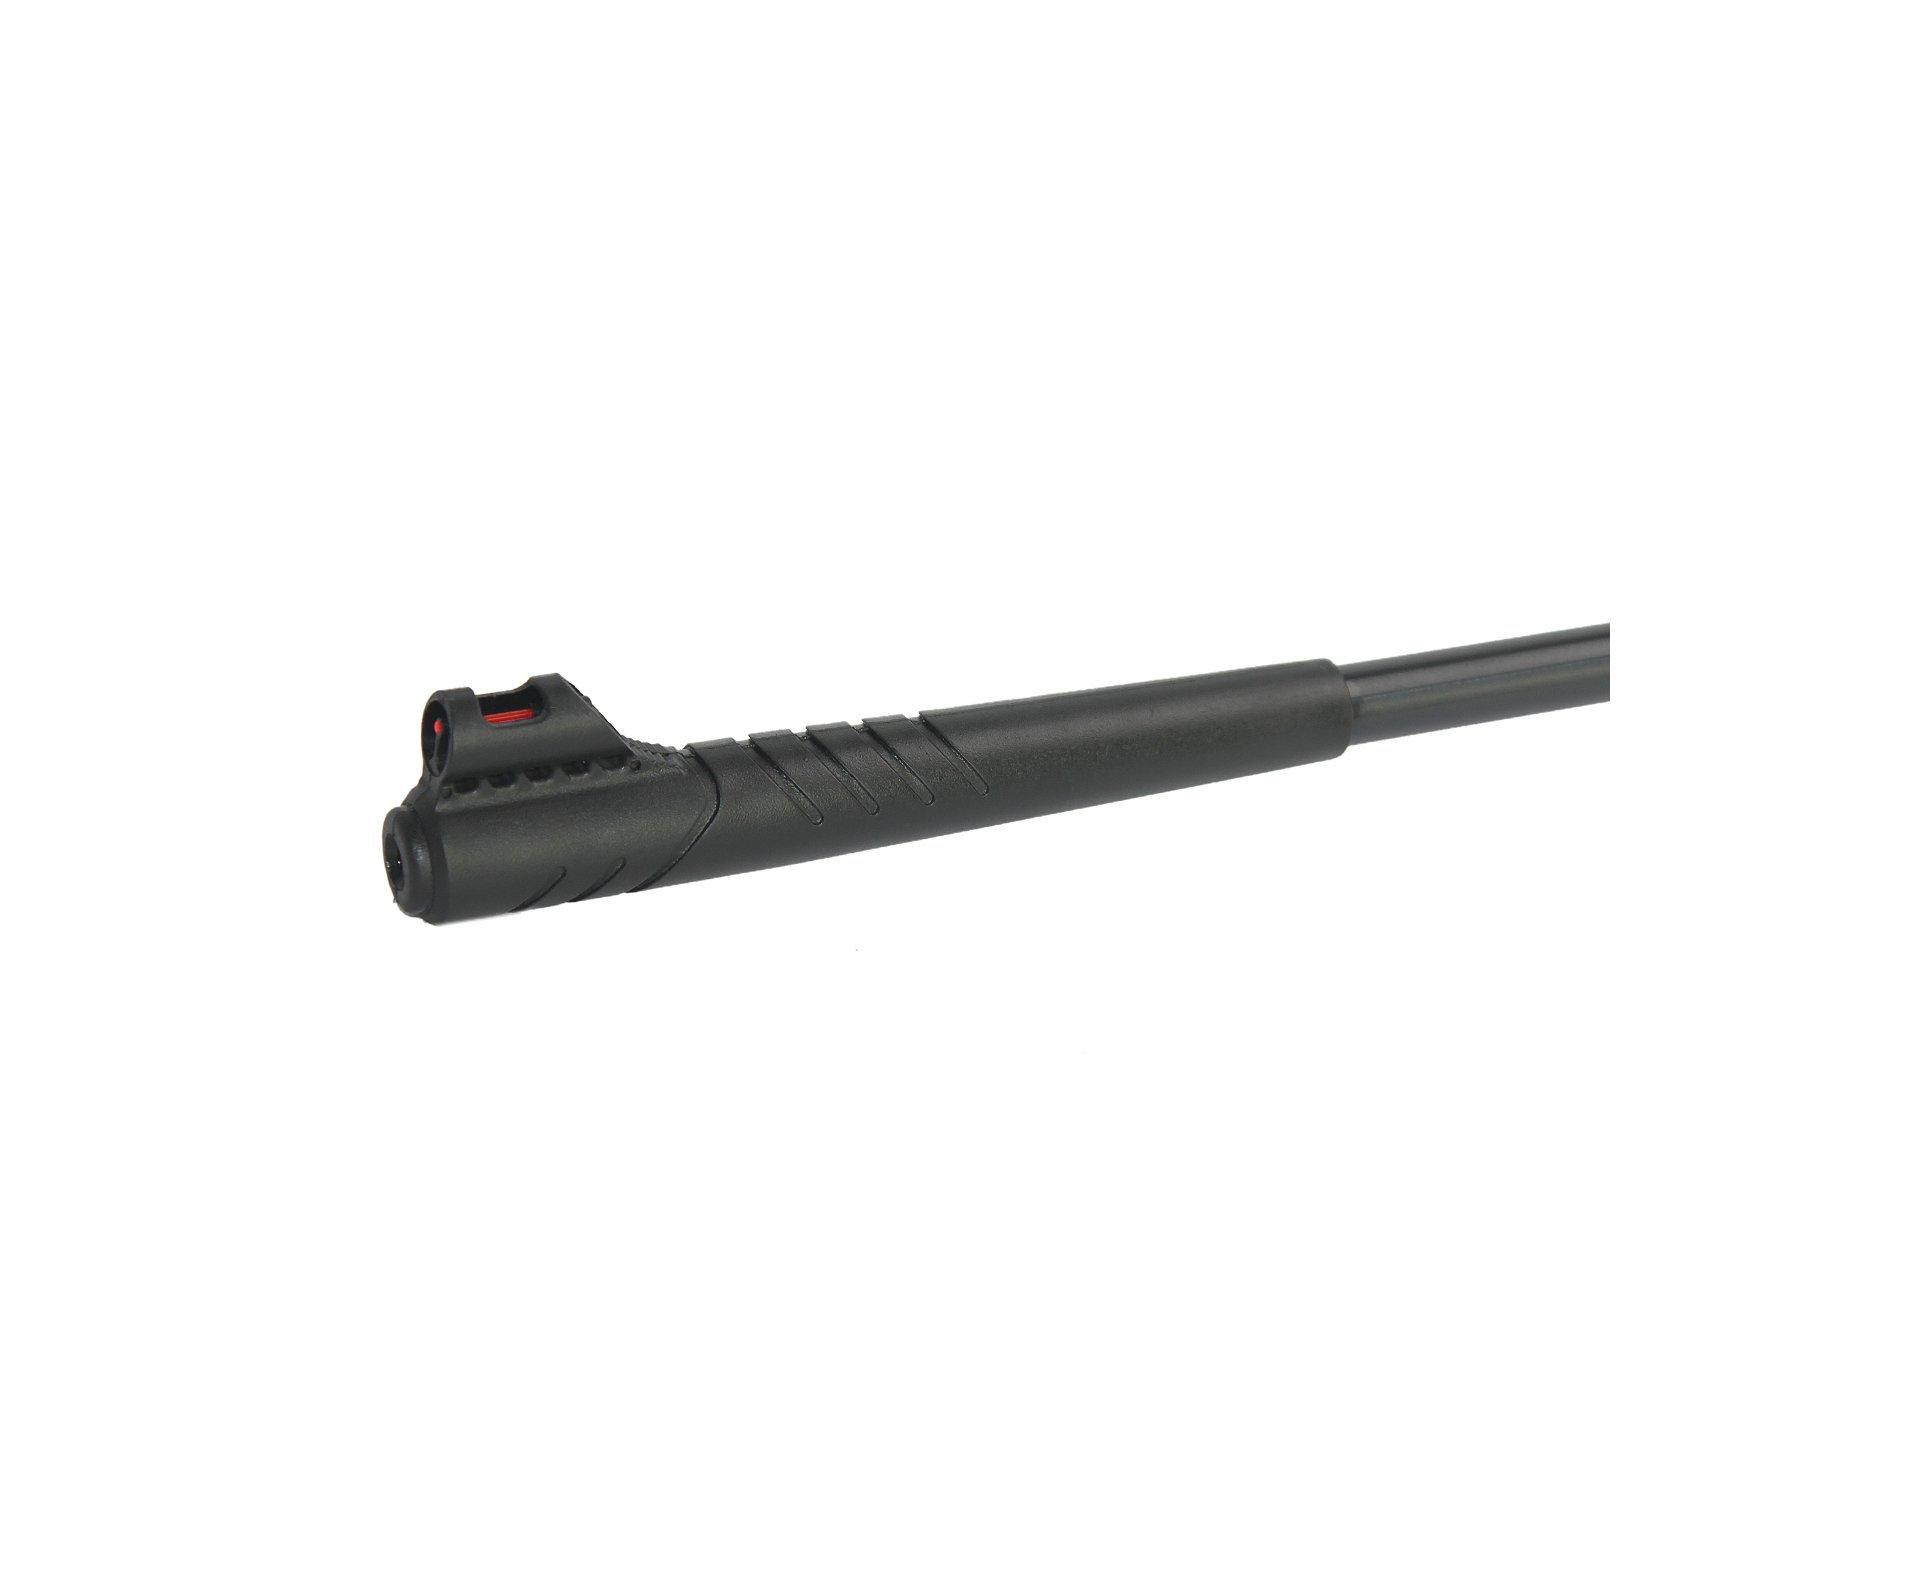 Carabina De Pressão Hatsan Striker Edge Vortex Cal 5,5mm Com Pistão Pneumatico